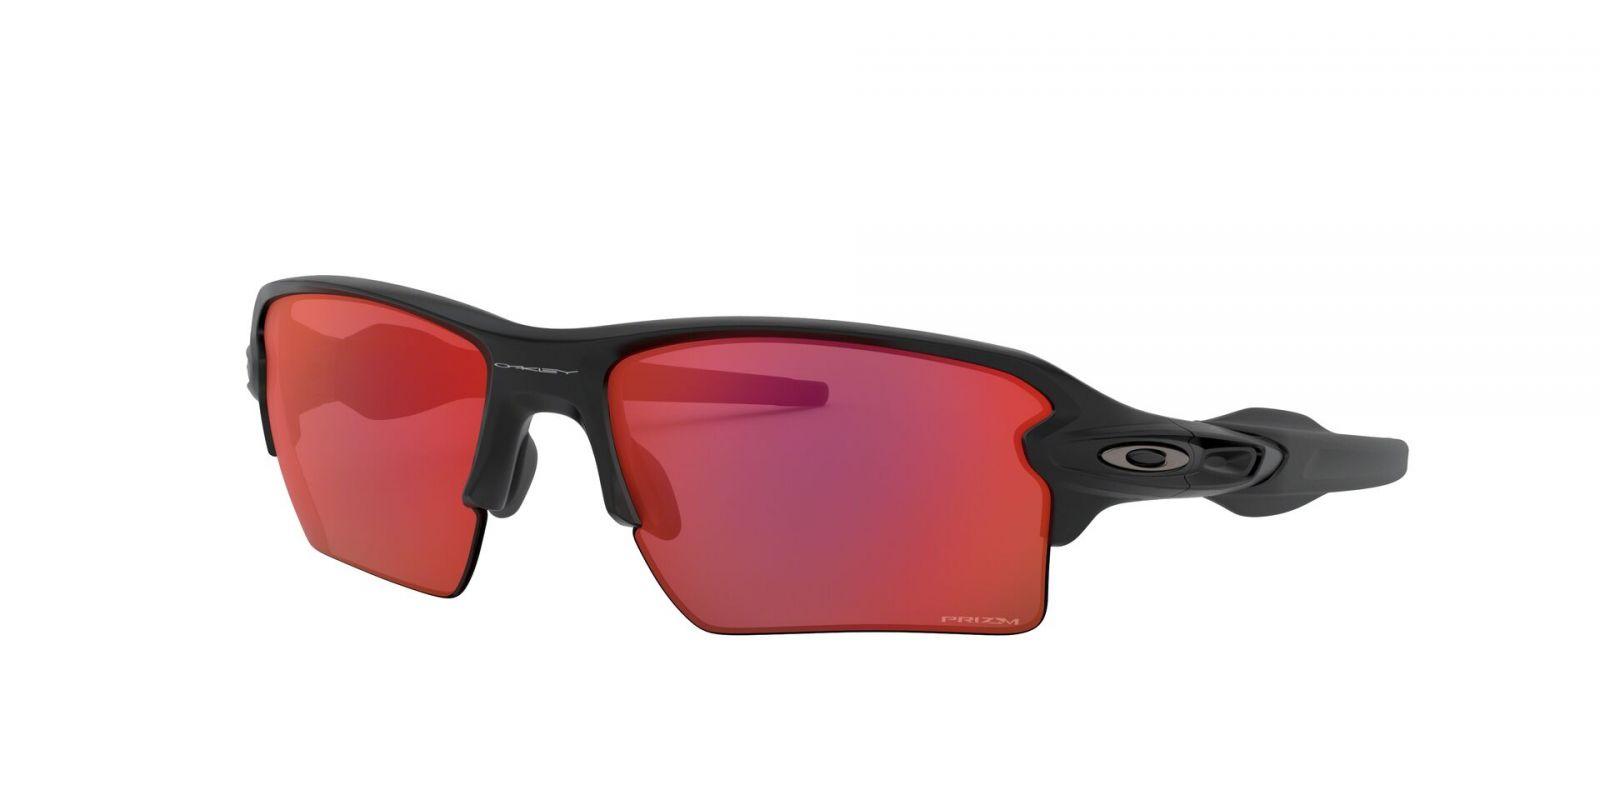 Brýle OAKLEY Flak 2.0 XL - Matte Black w/Prizm Trail Torch